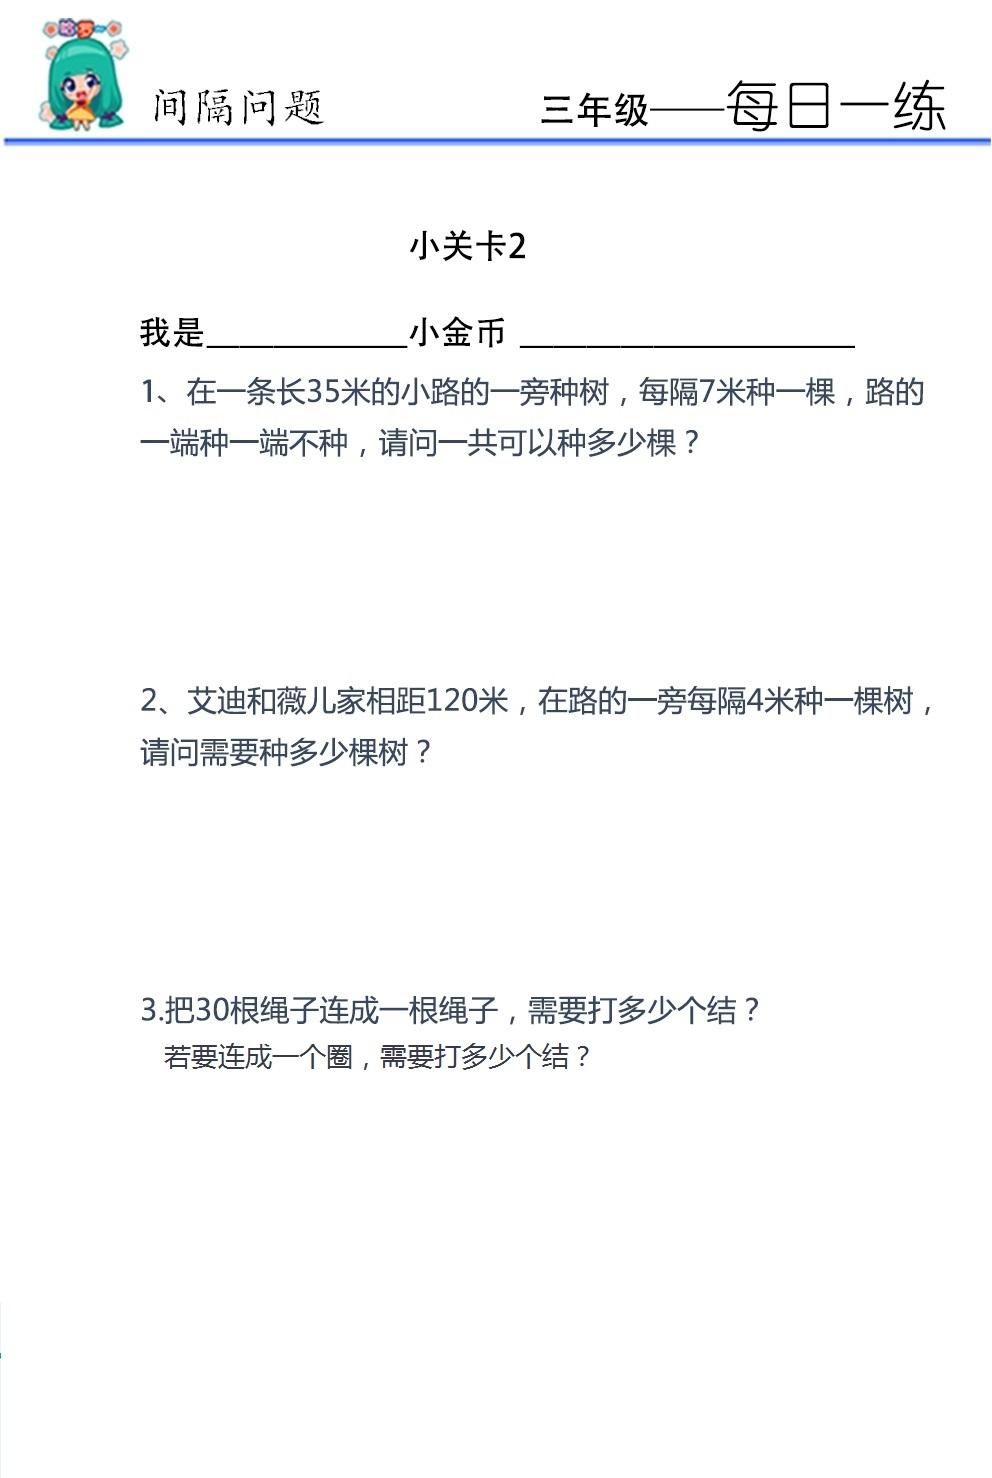 间隔问题小关卡2.jpg